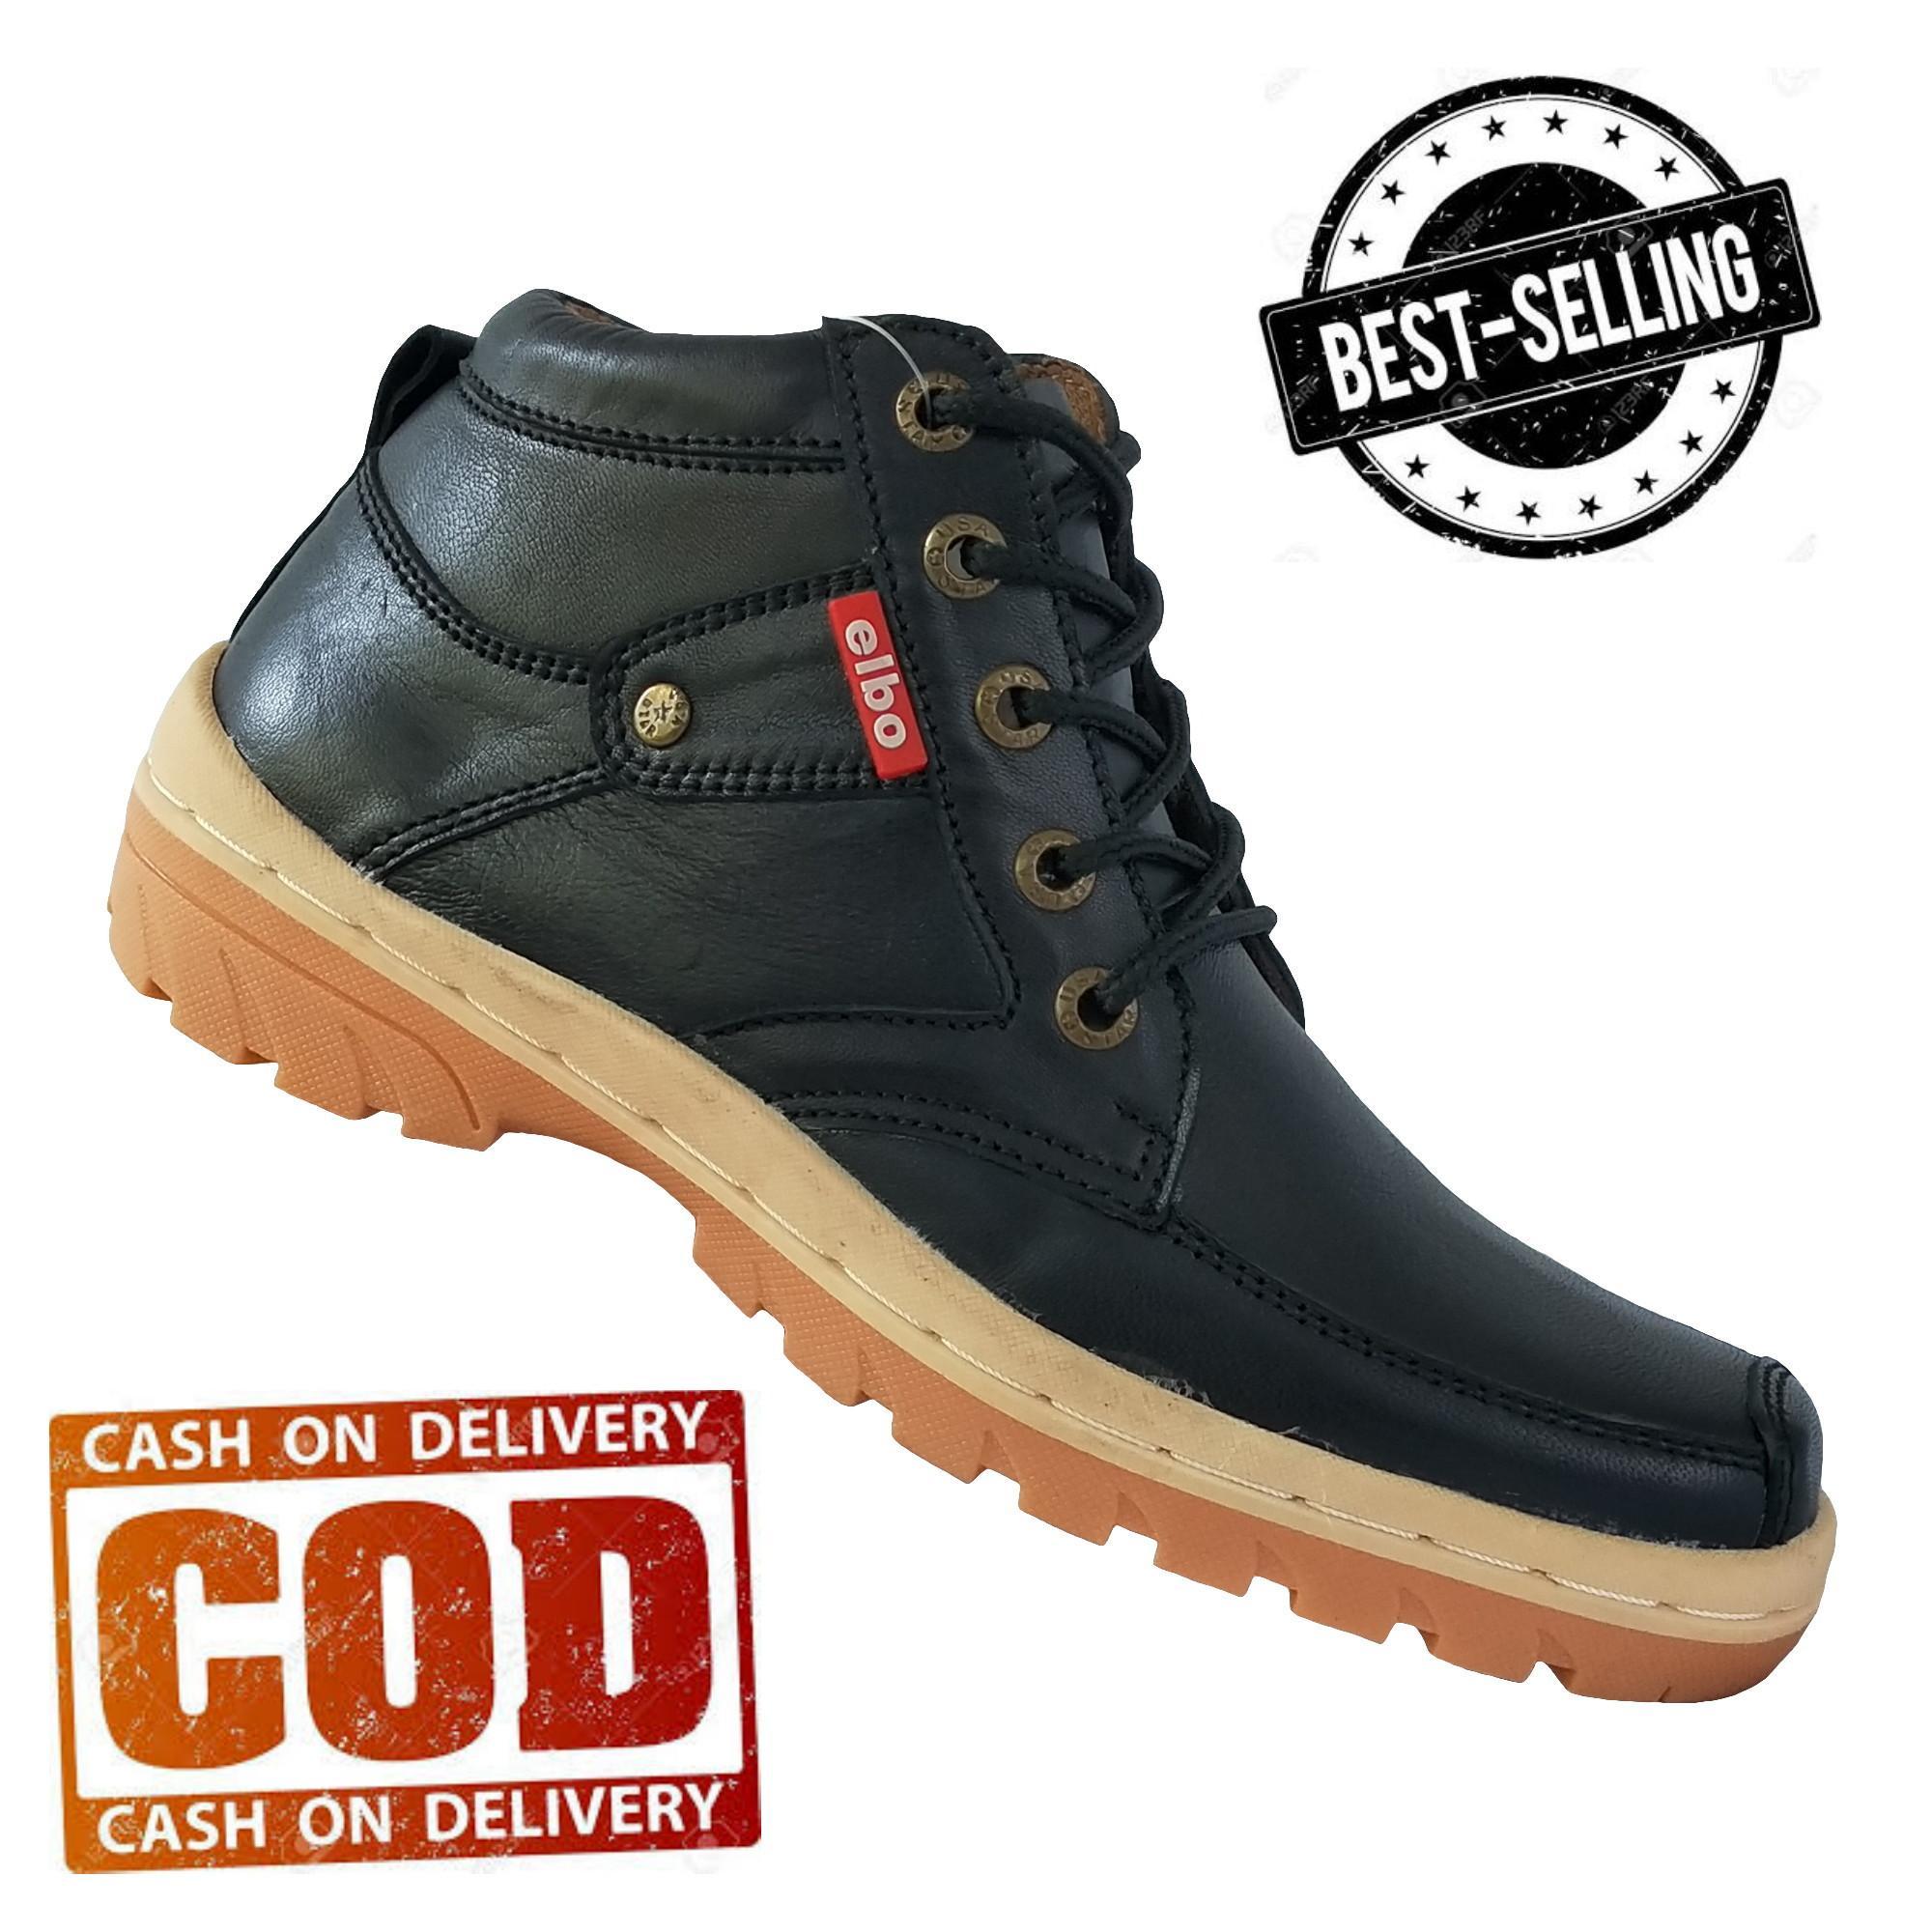 Elbo - Sepatu Pria Casual/sepatu Boot Pria/sepatu Kulit Pria 100% Asli - Bh01 - Hitam By Newbie Coll.